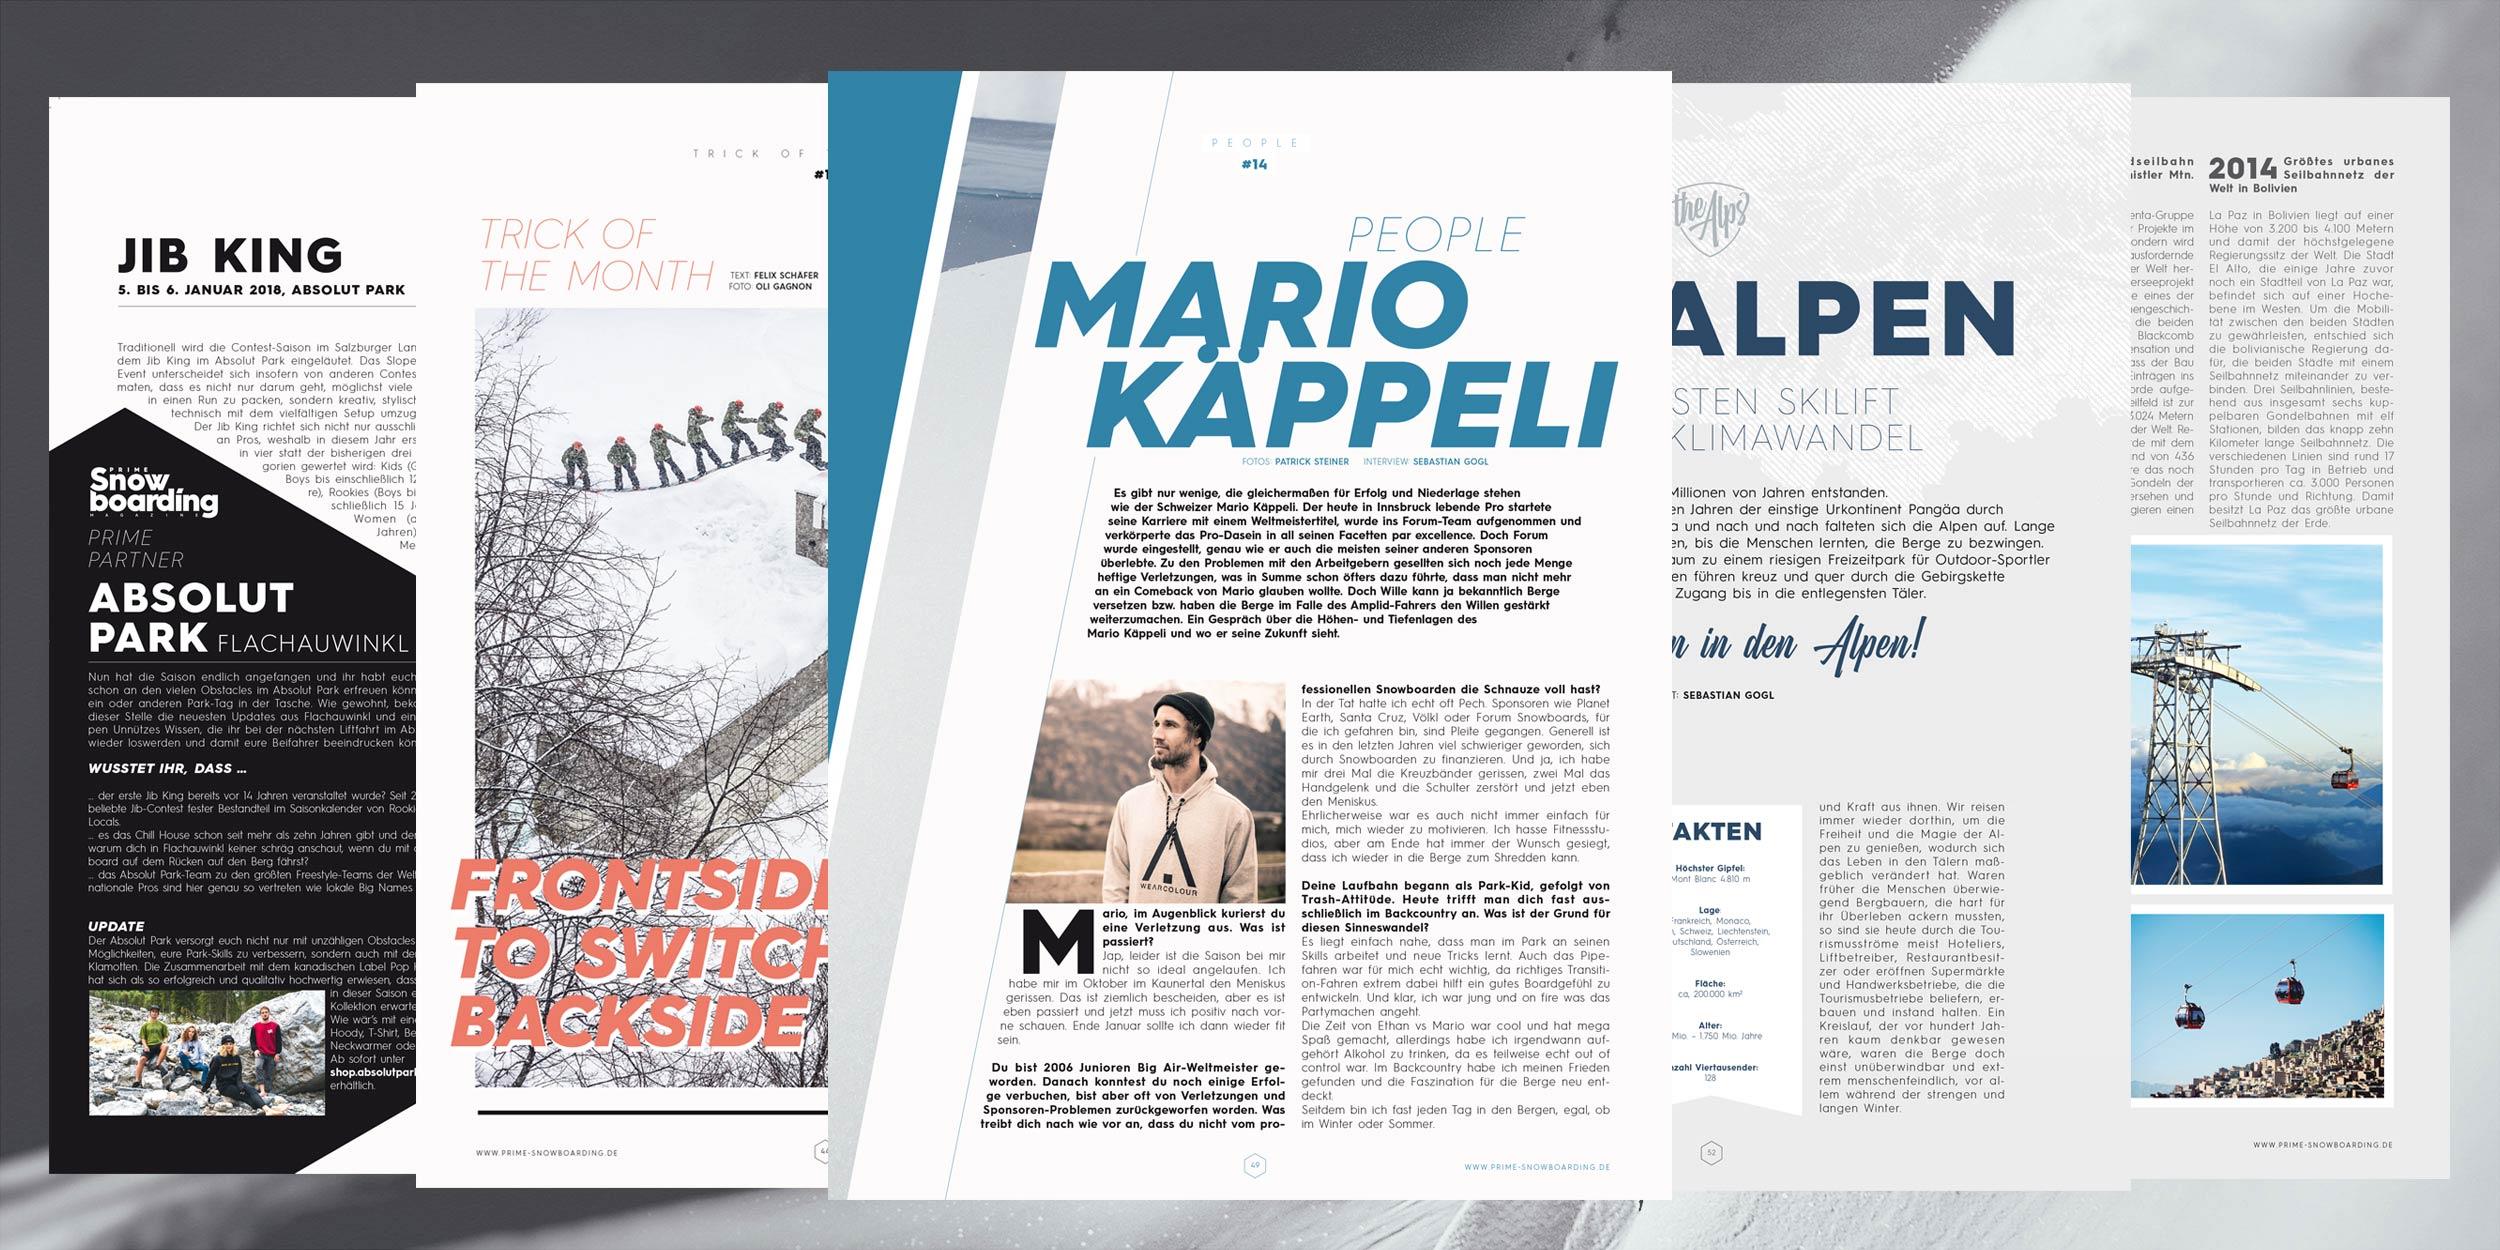 Eine Menge Geschichten aus und über die Alpen